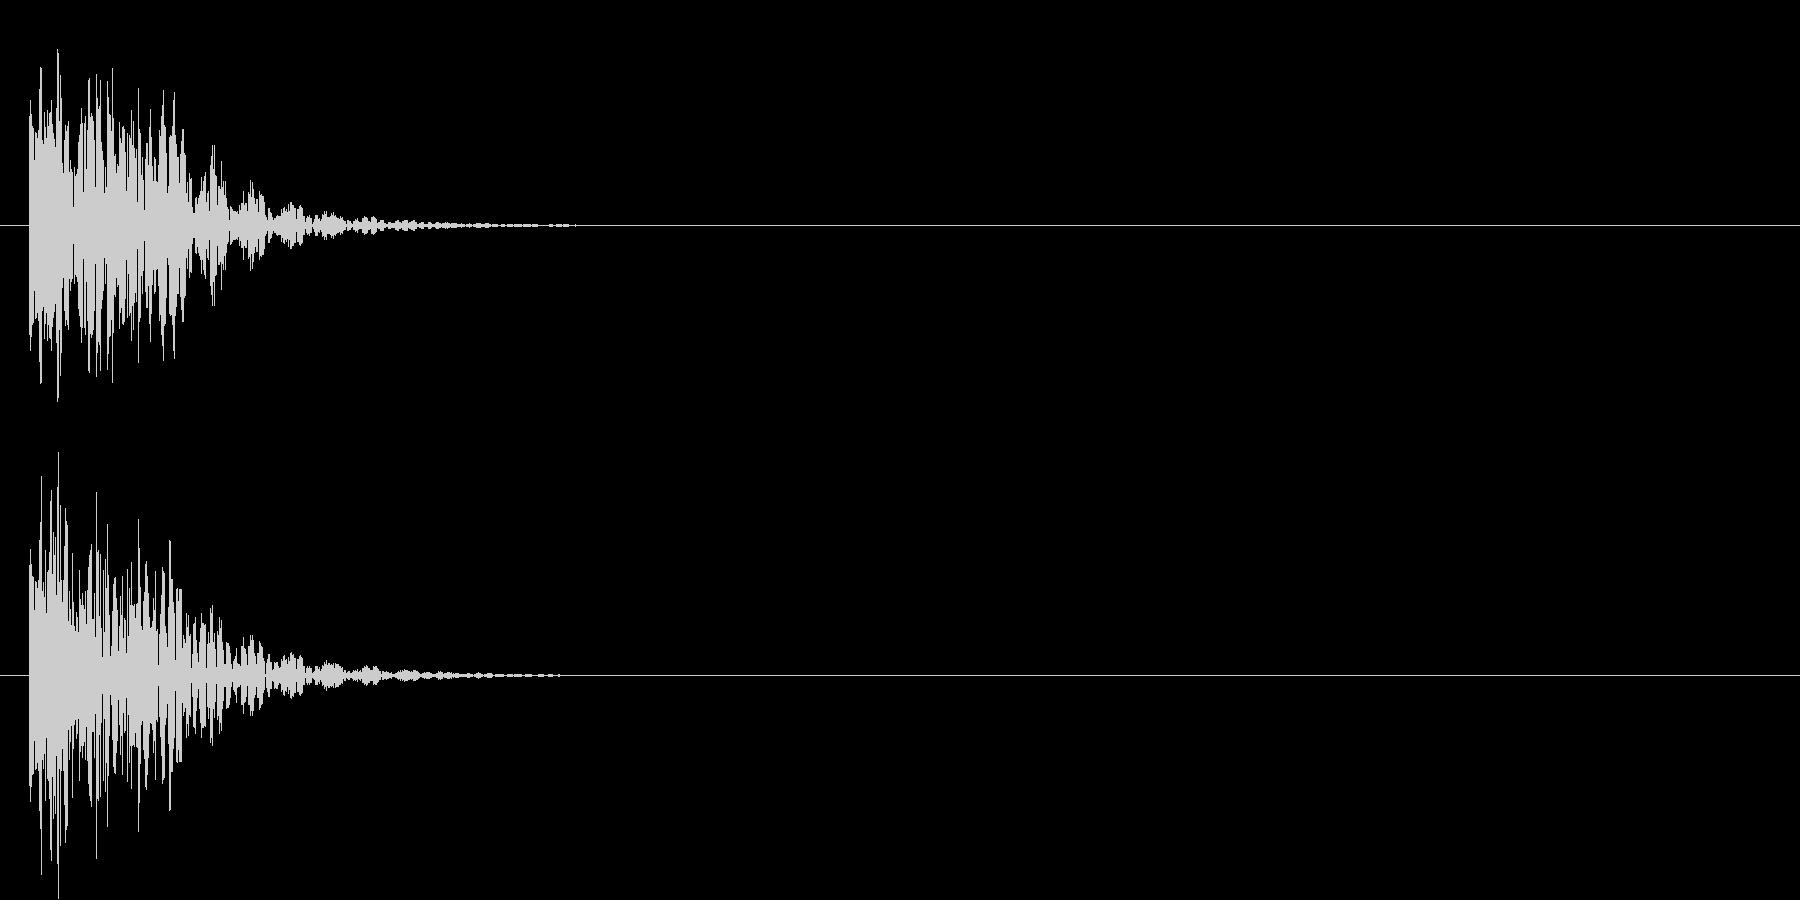 ポンッ(ミス、エラー時)の未再生の波形